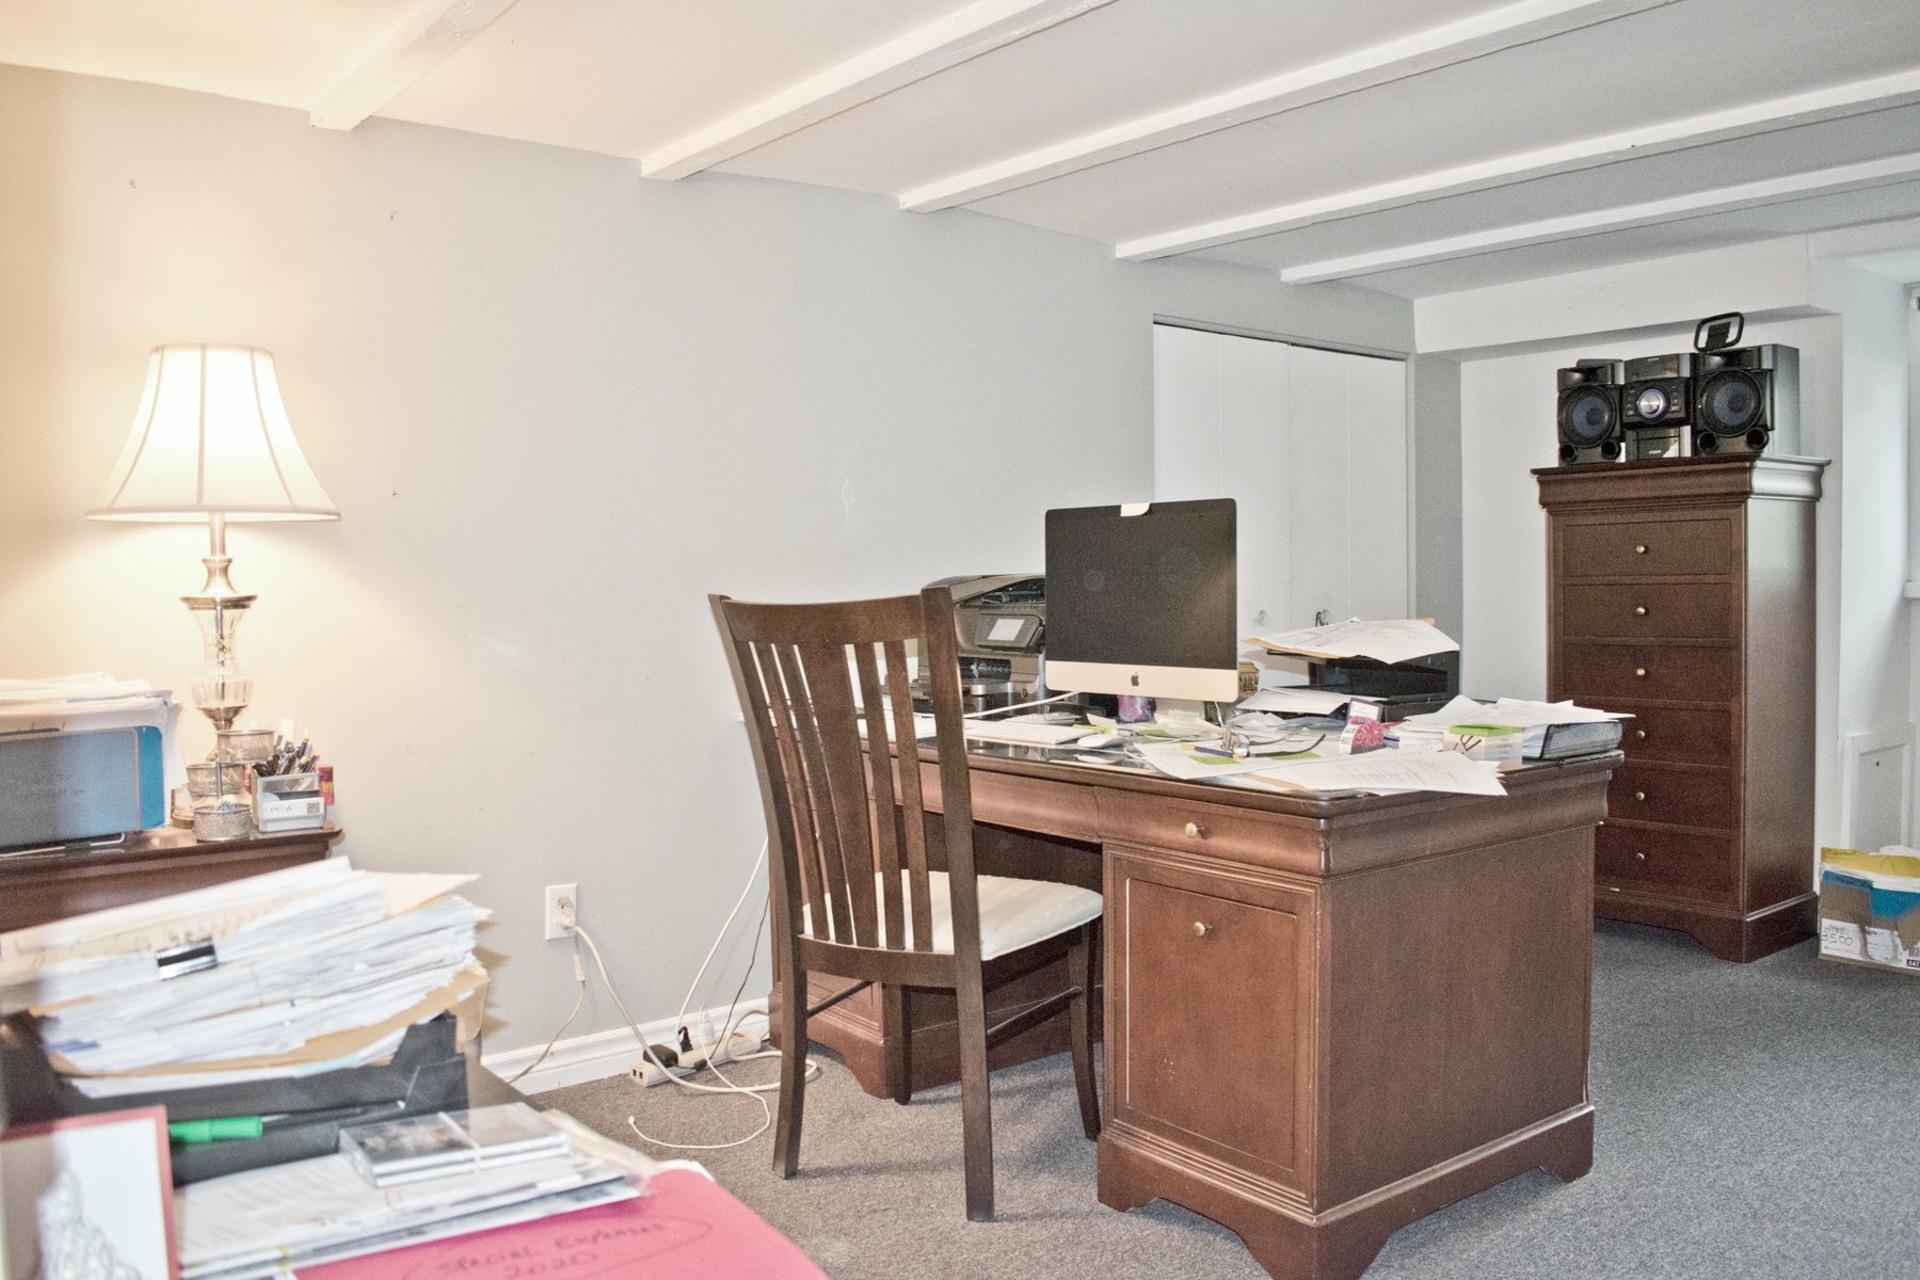 image 19 - Appartement À louer Côte-des-Neiges/Notre-Dame-de-Grâce Montréal  - 11 pièces